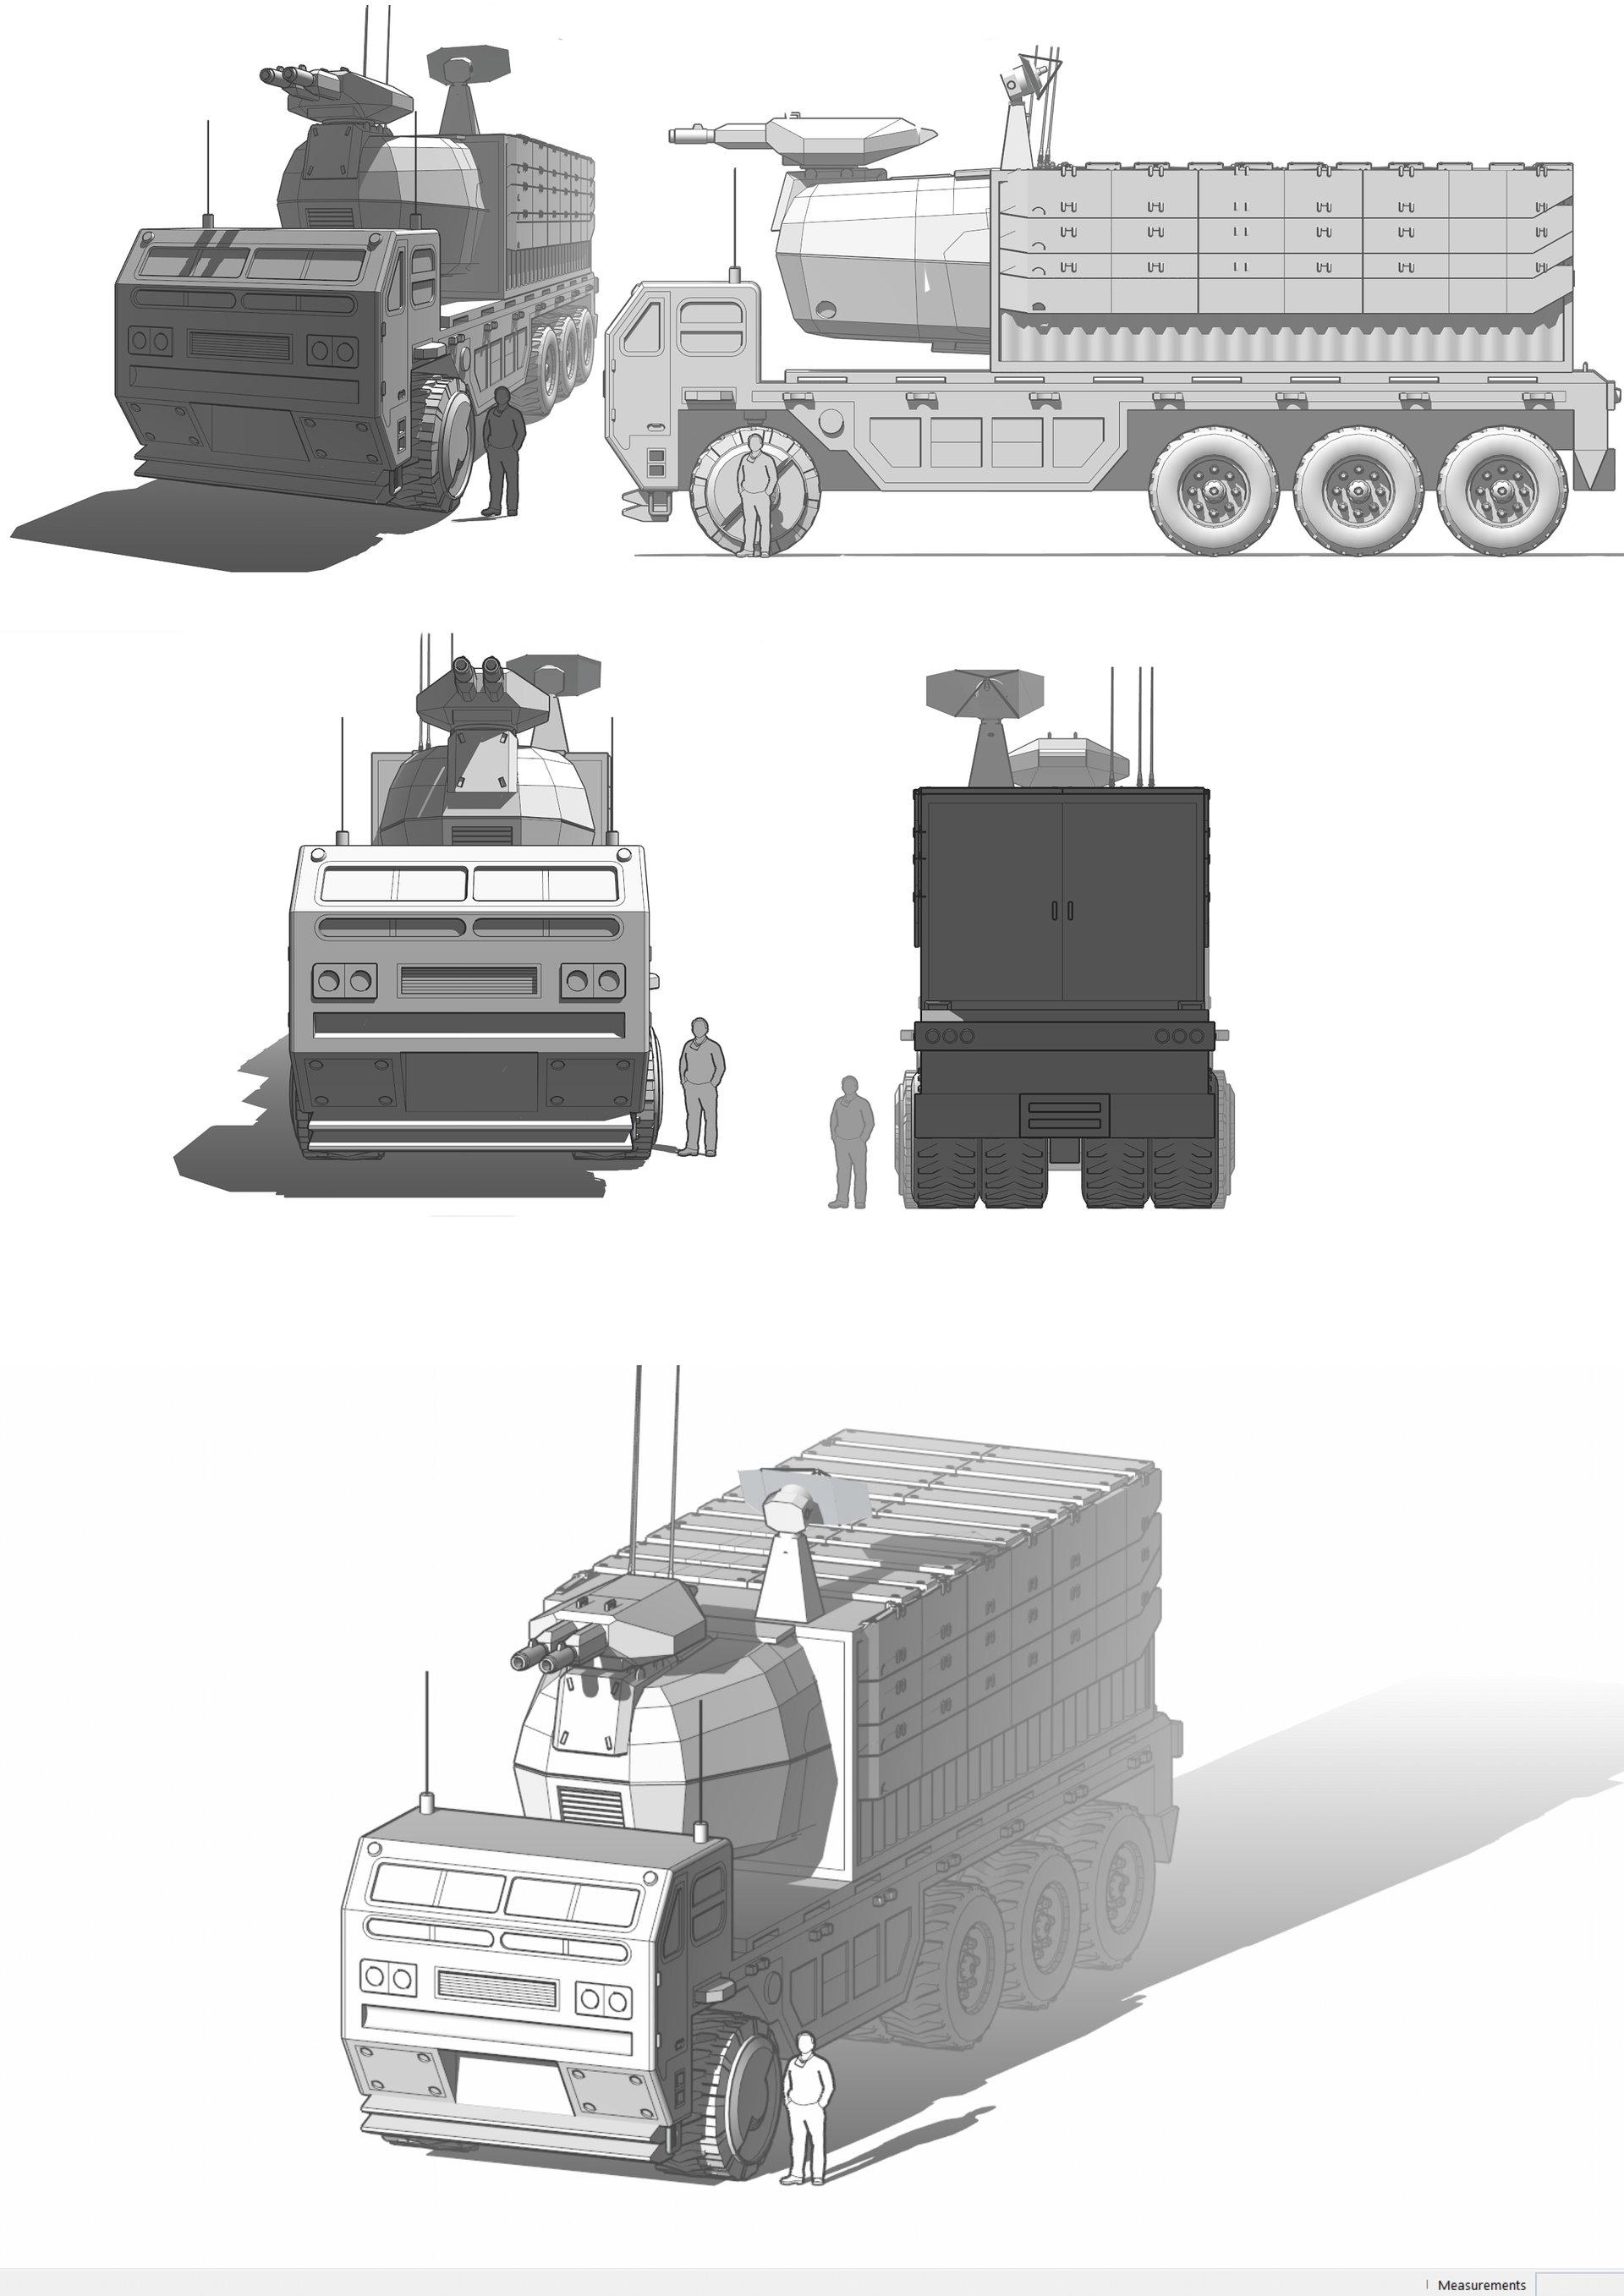 Cristian bruno argenide mobile comand truck